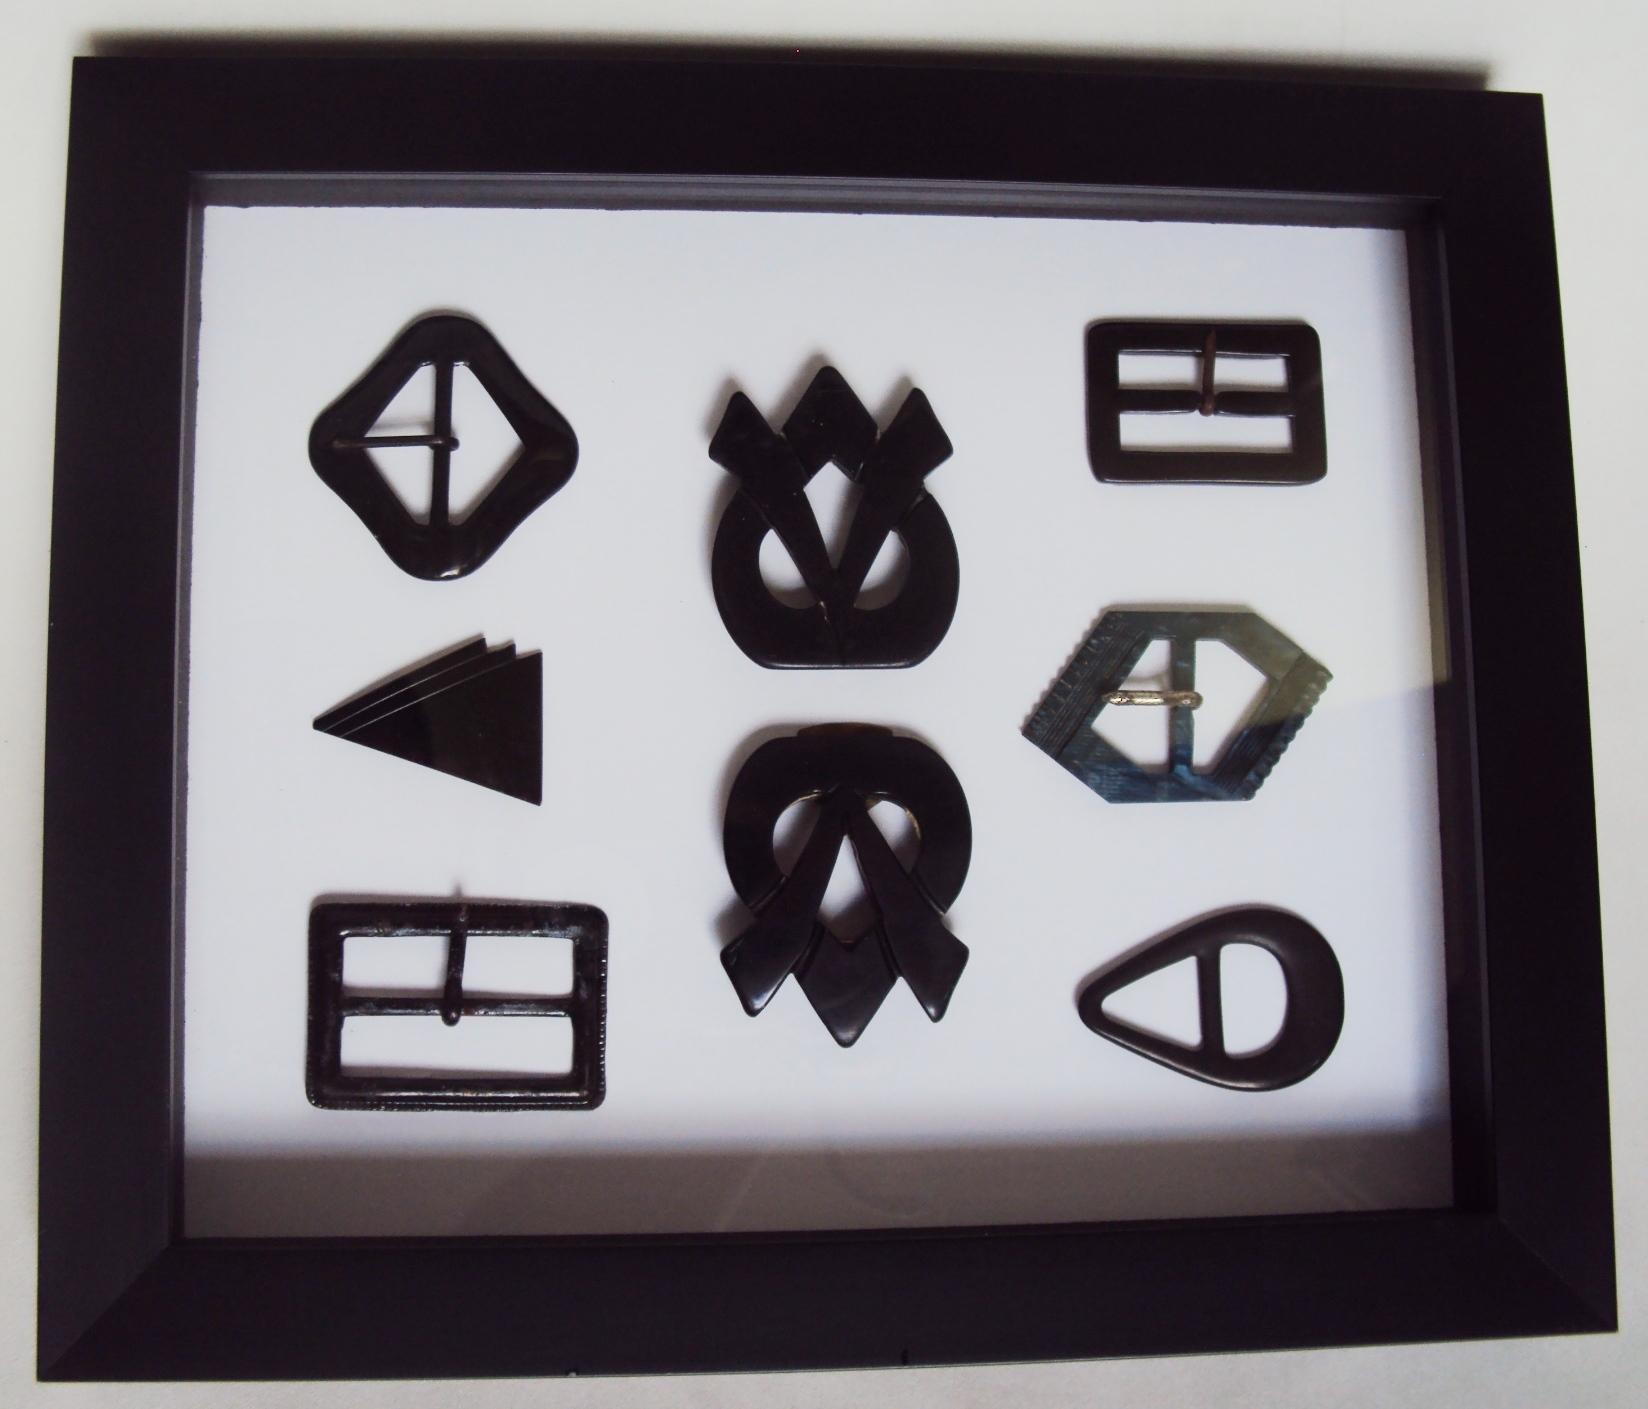 DI 395 – Quadro com fivelas de cinto antigas pretas dos anos 50 emolduradas